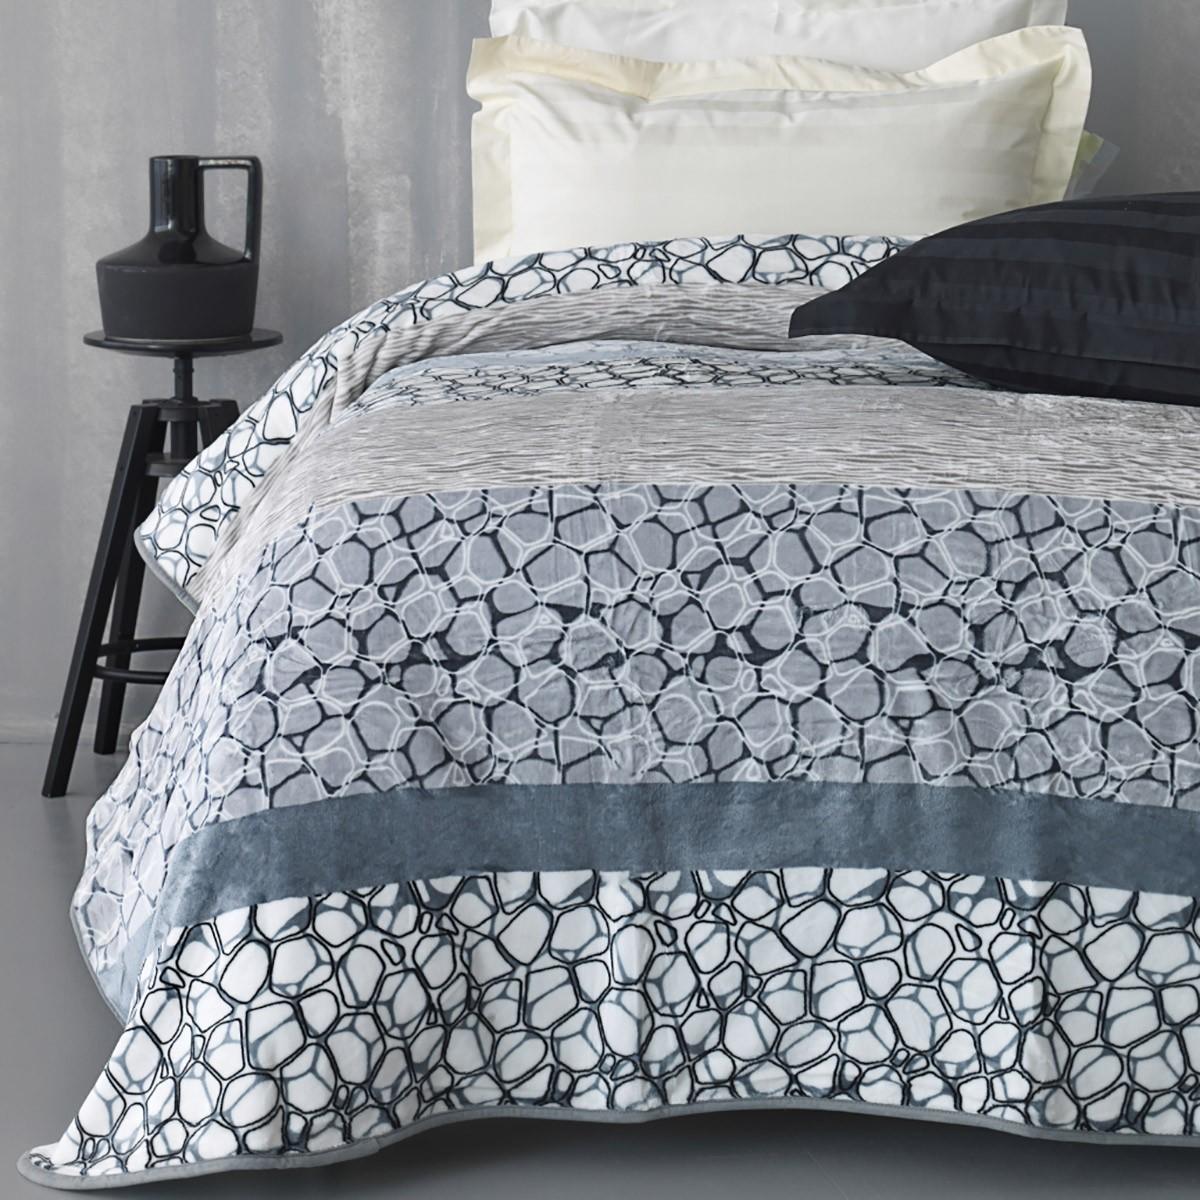 Κουβέρτα Fleece Υπέρδιπλη Palamaiki Silky 249